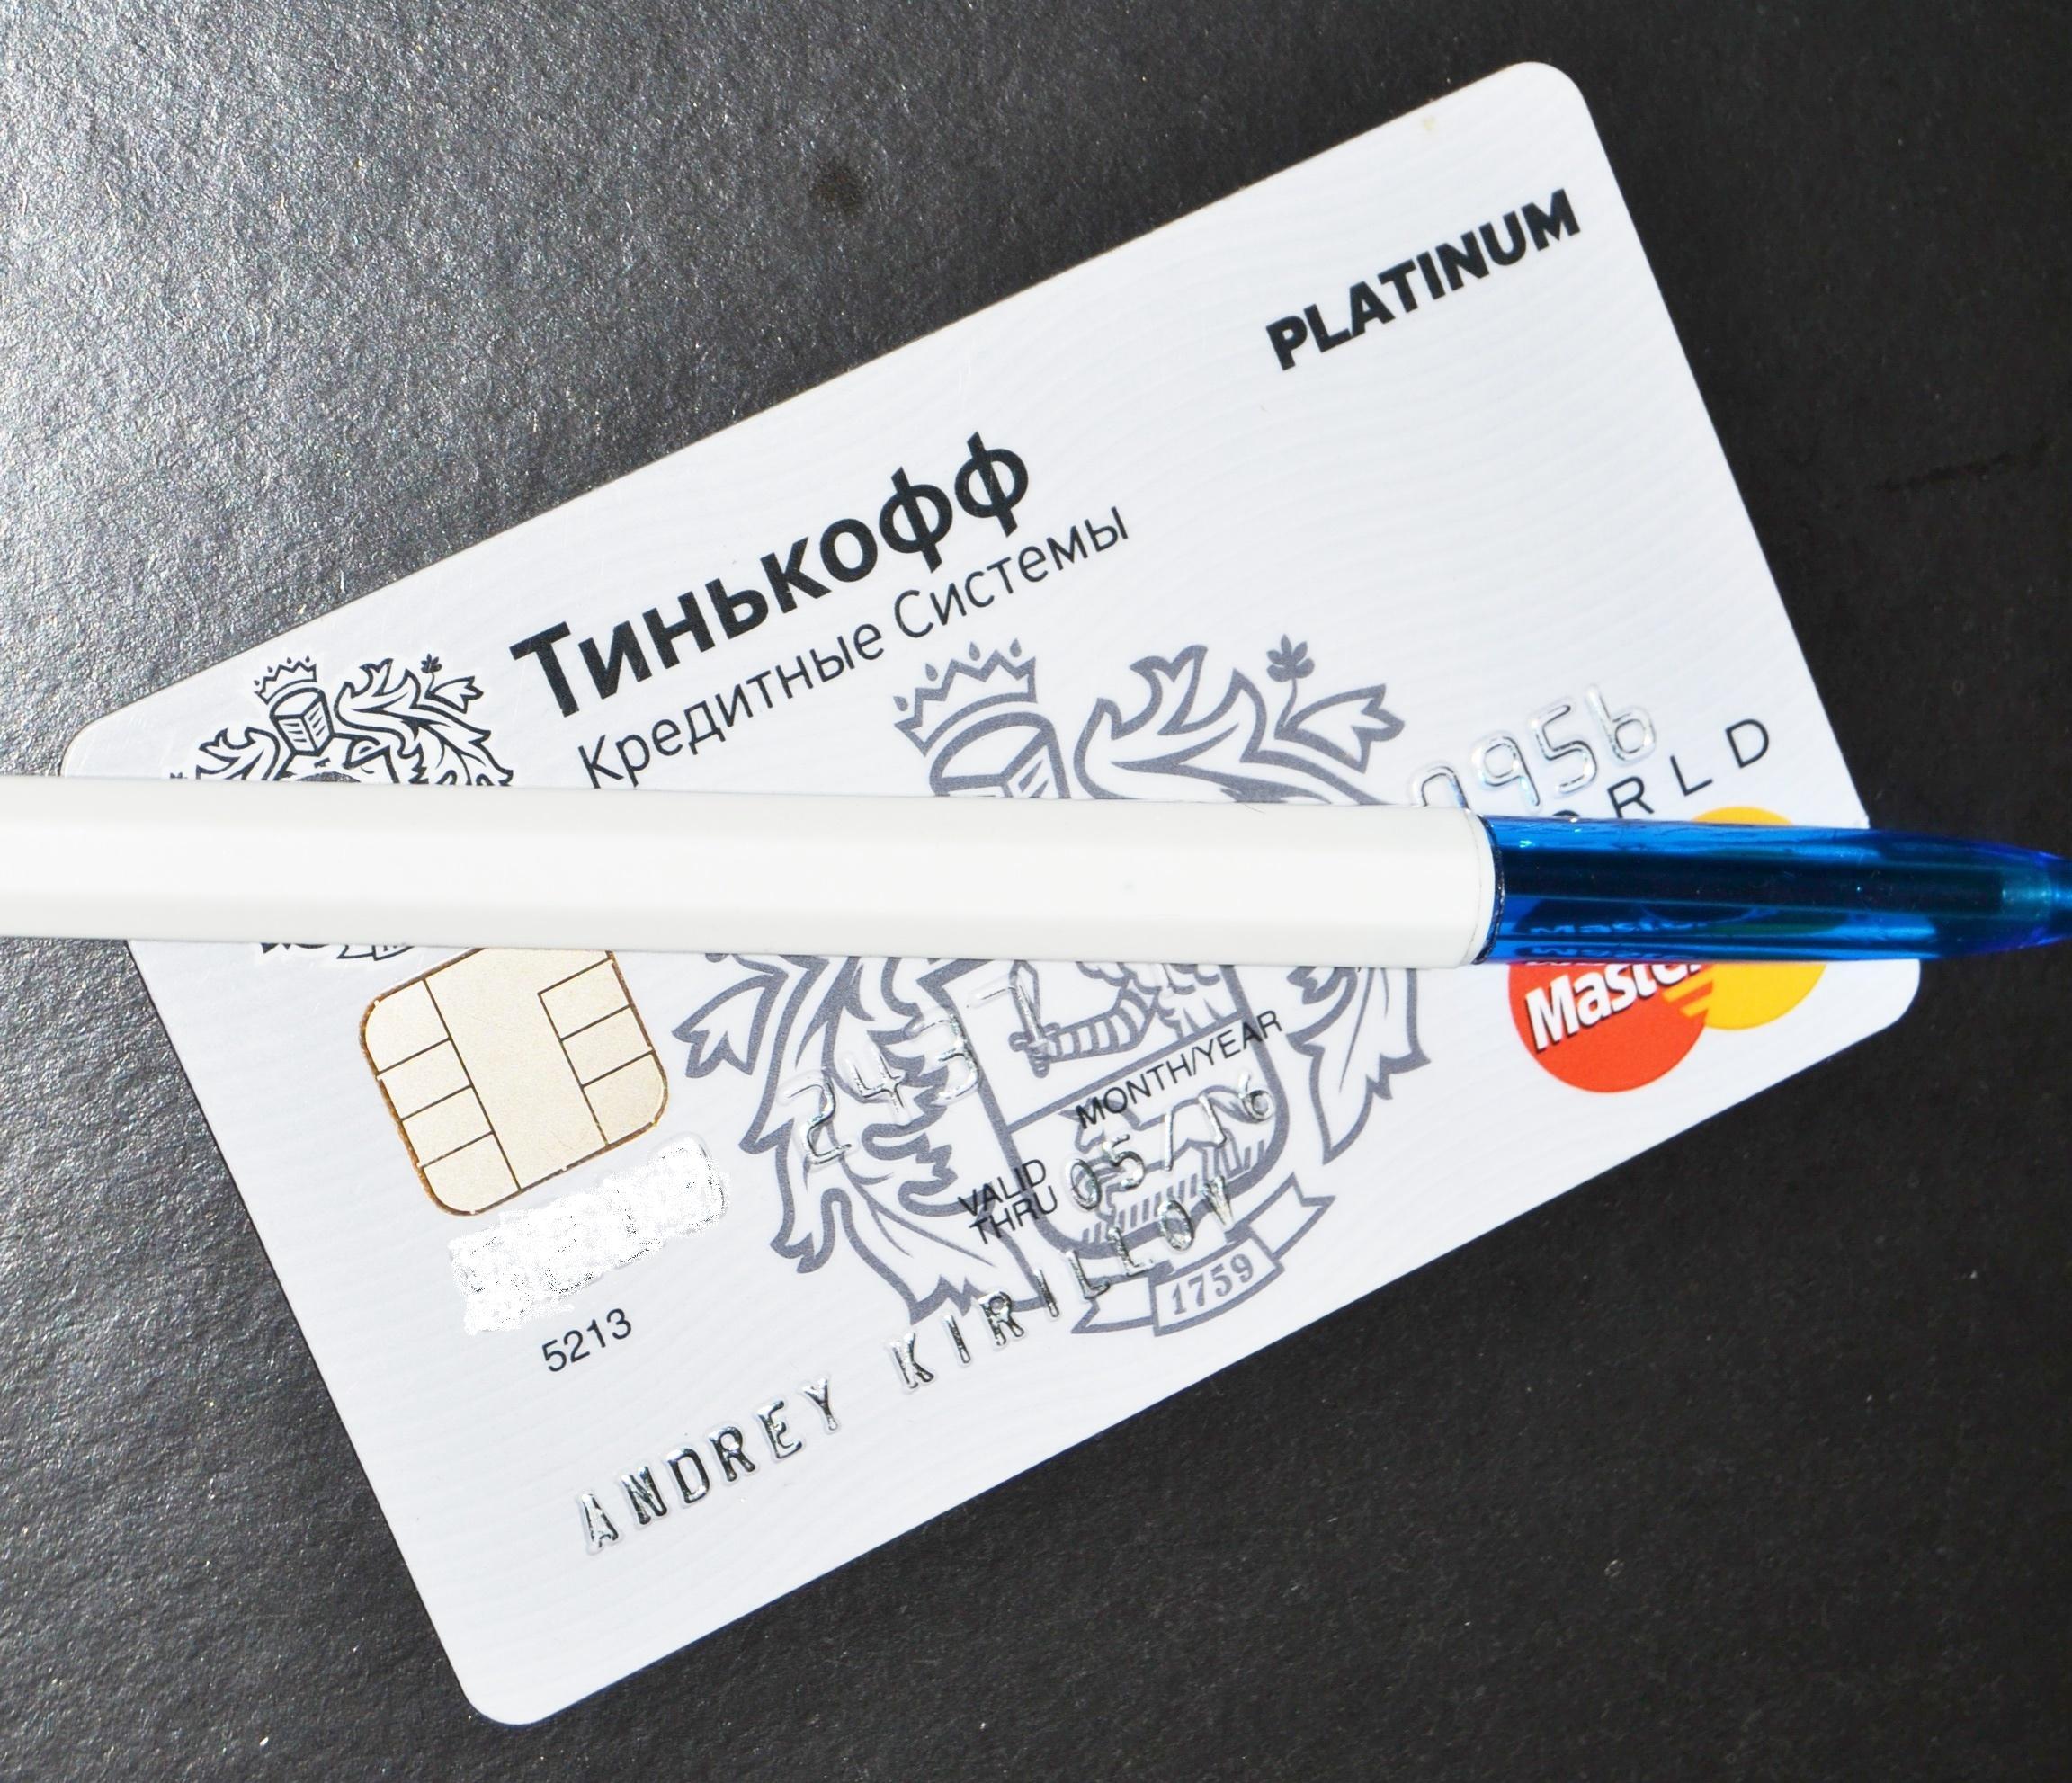 мтс банк личный кабинет вход по номеру телефона без пароля и логина саратов